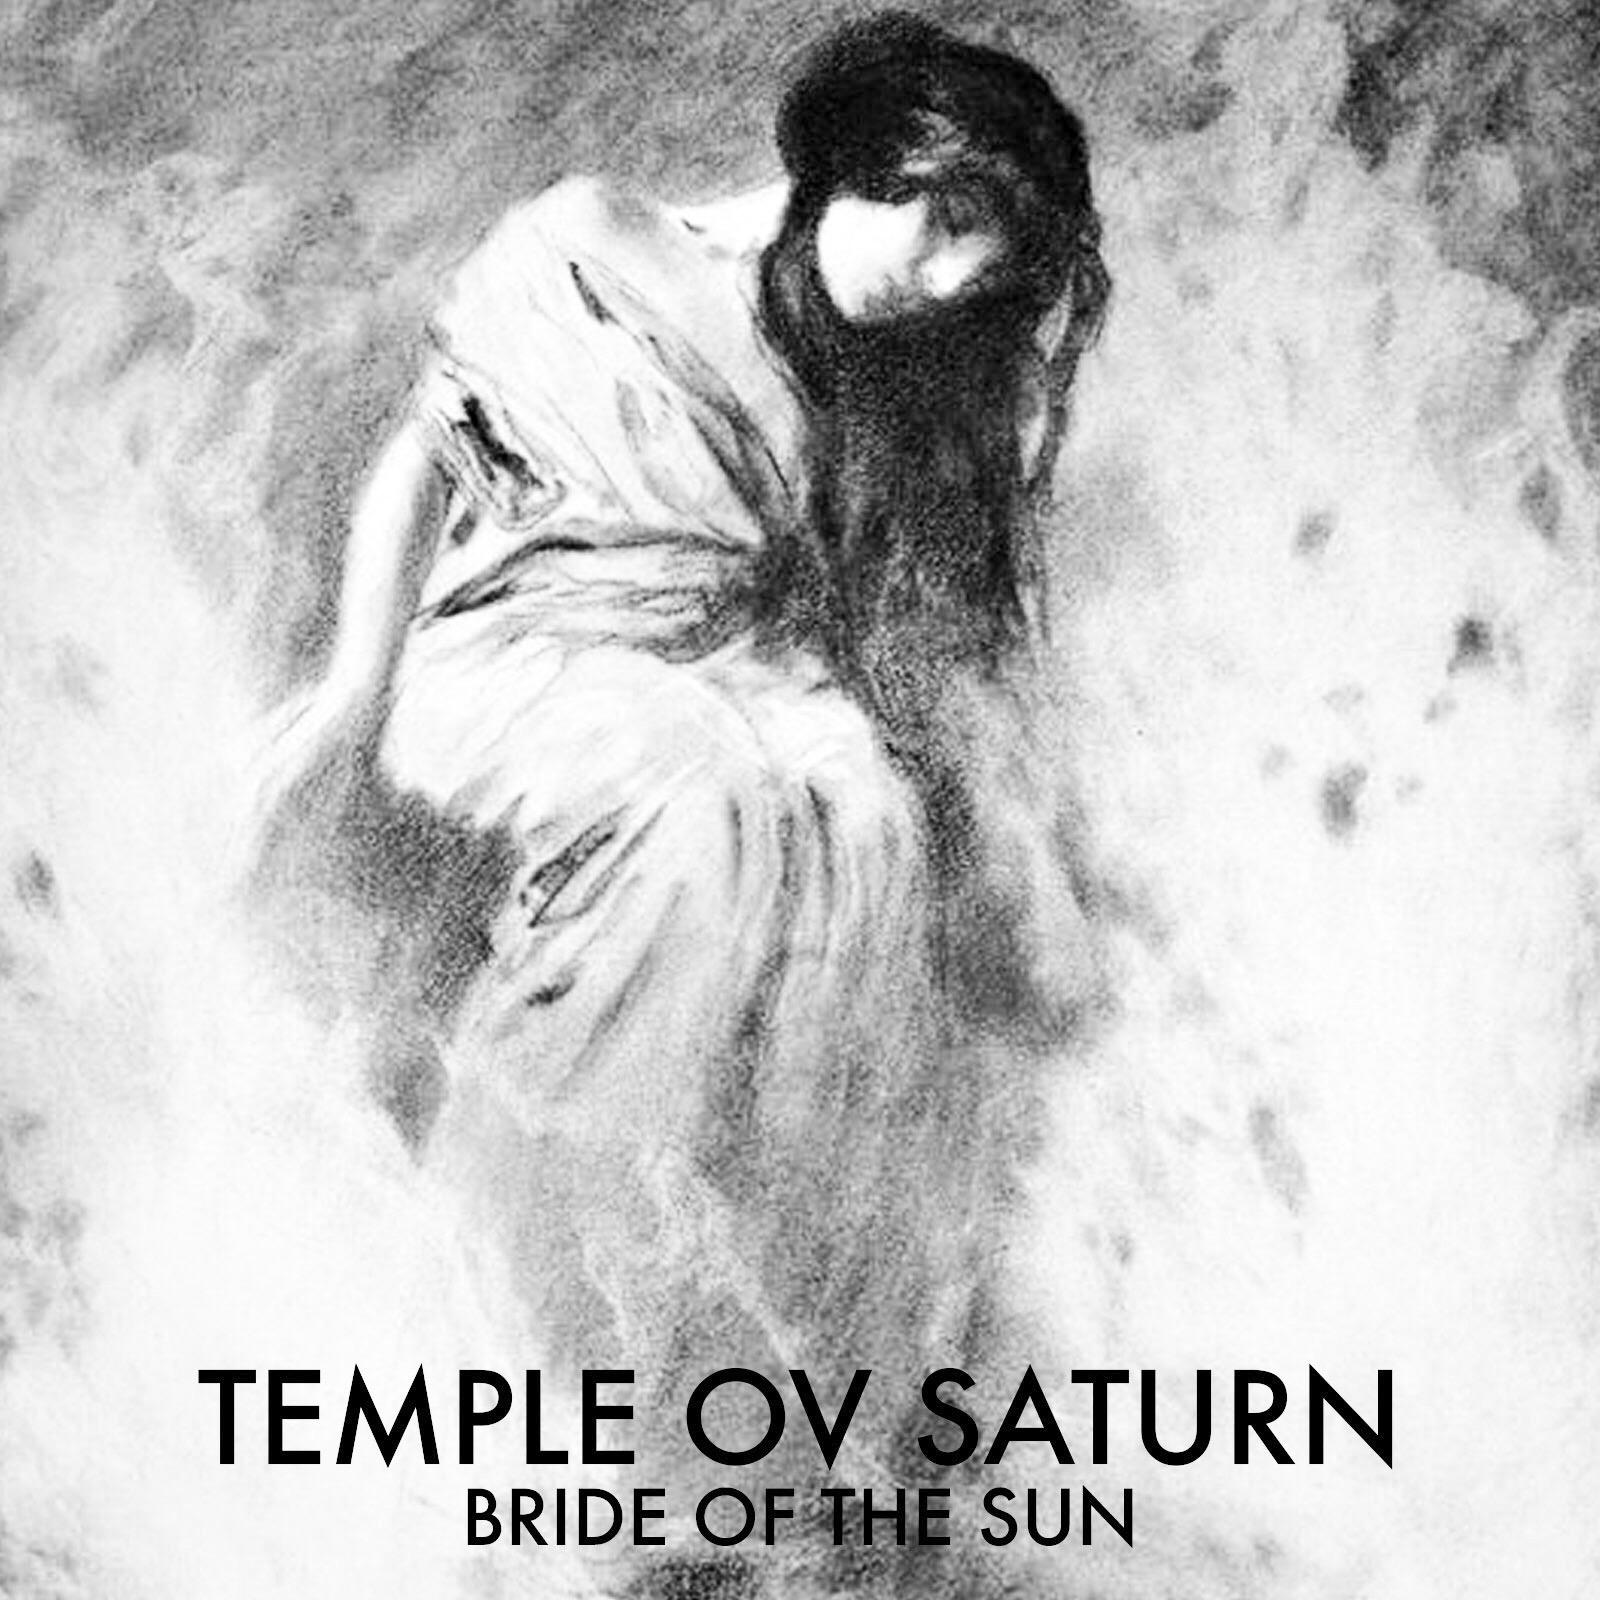 Temple ov Saturn - Bride Of The Sun